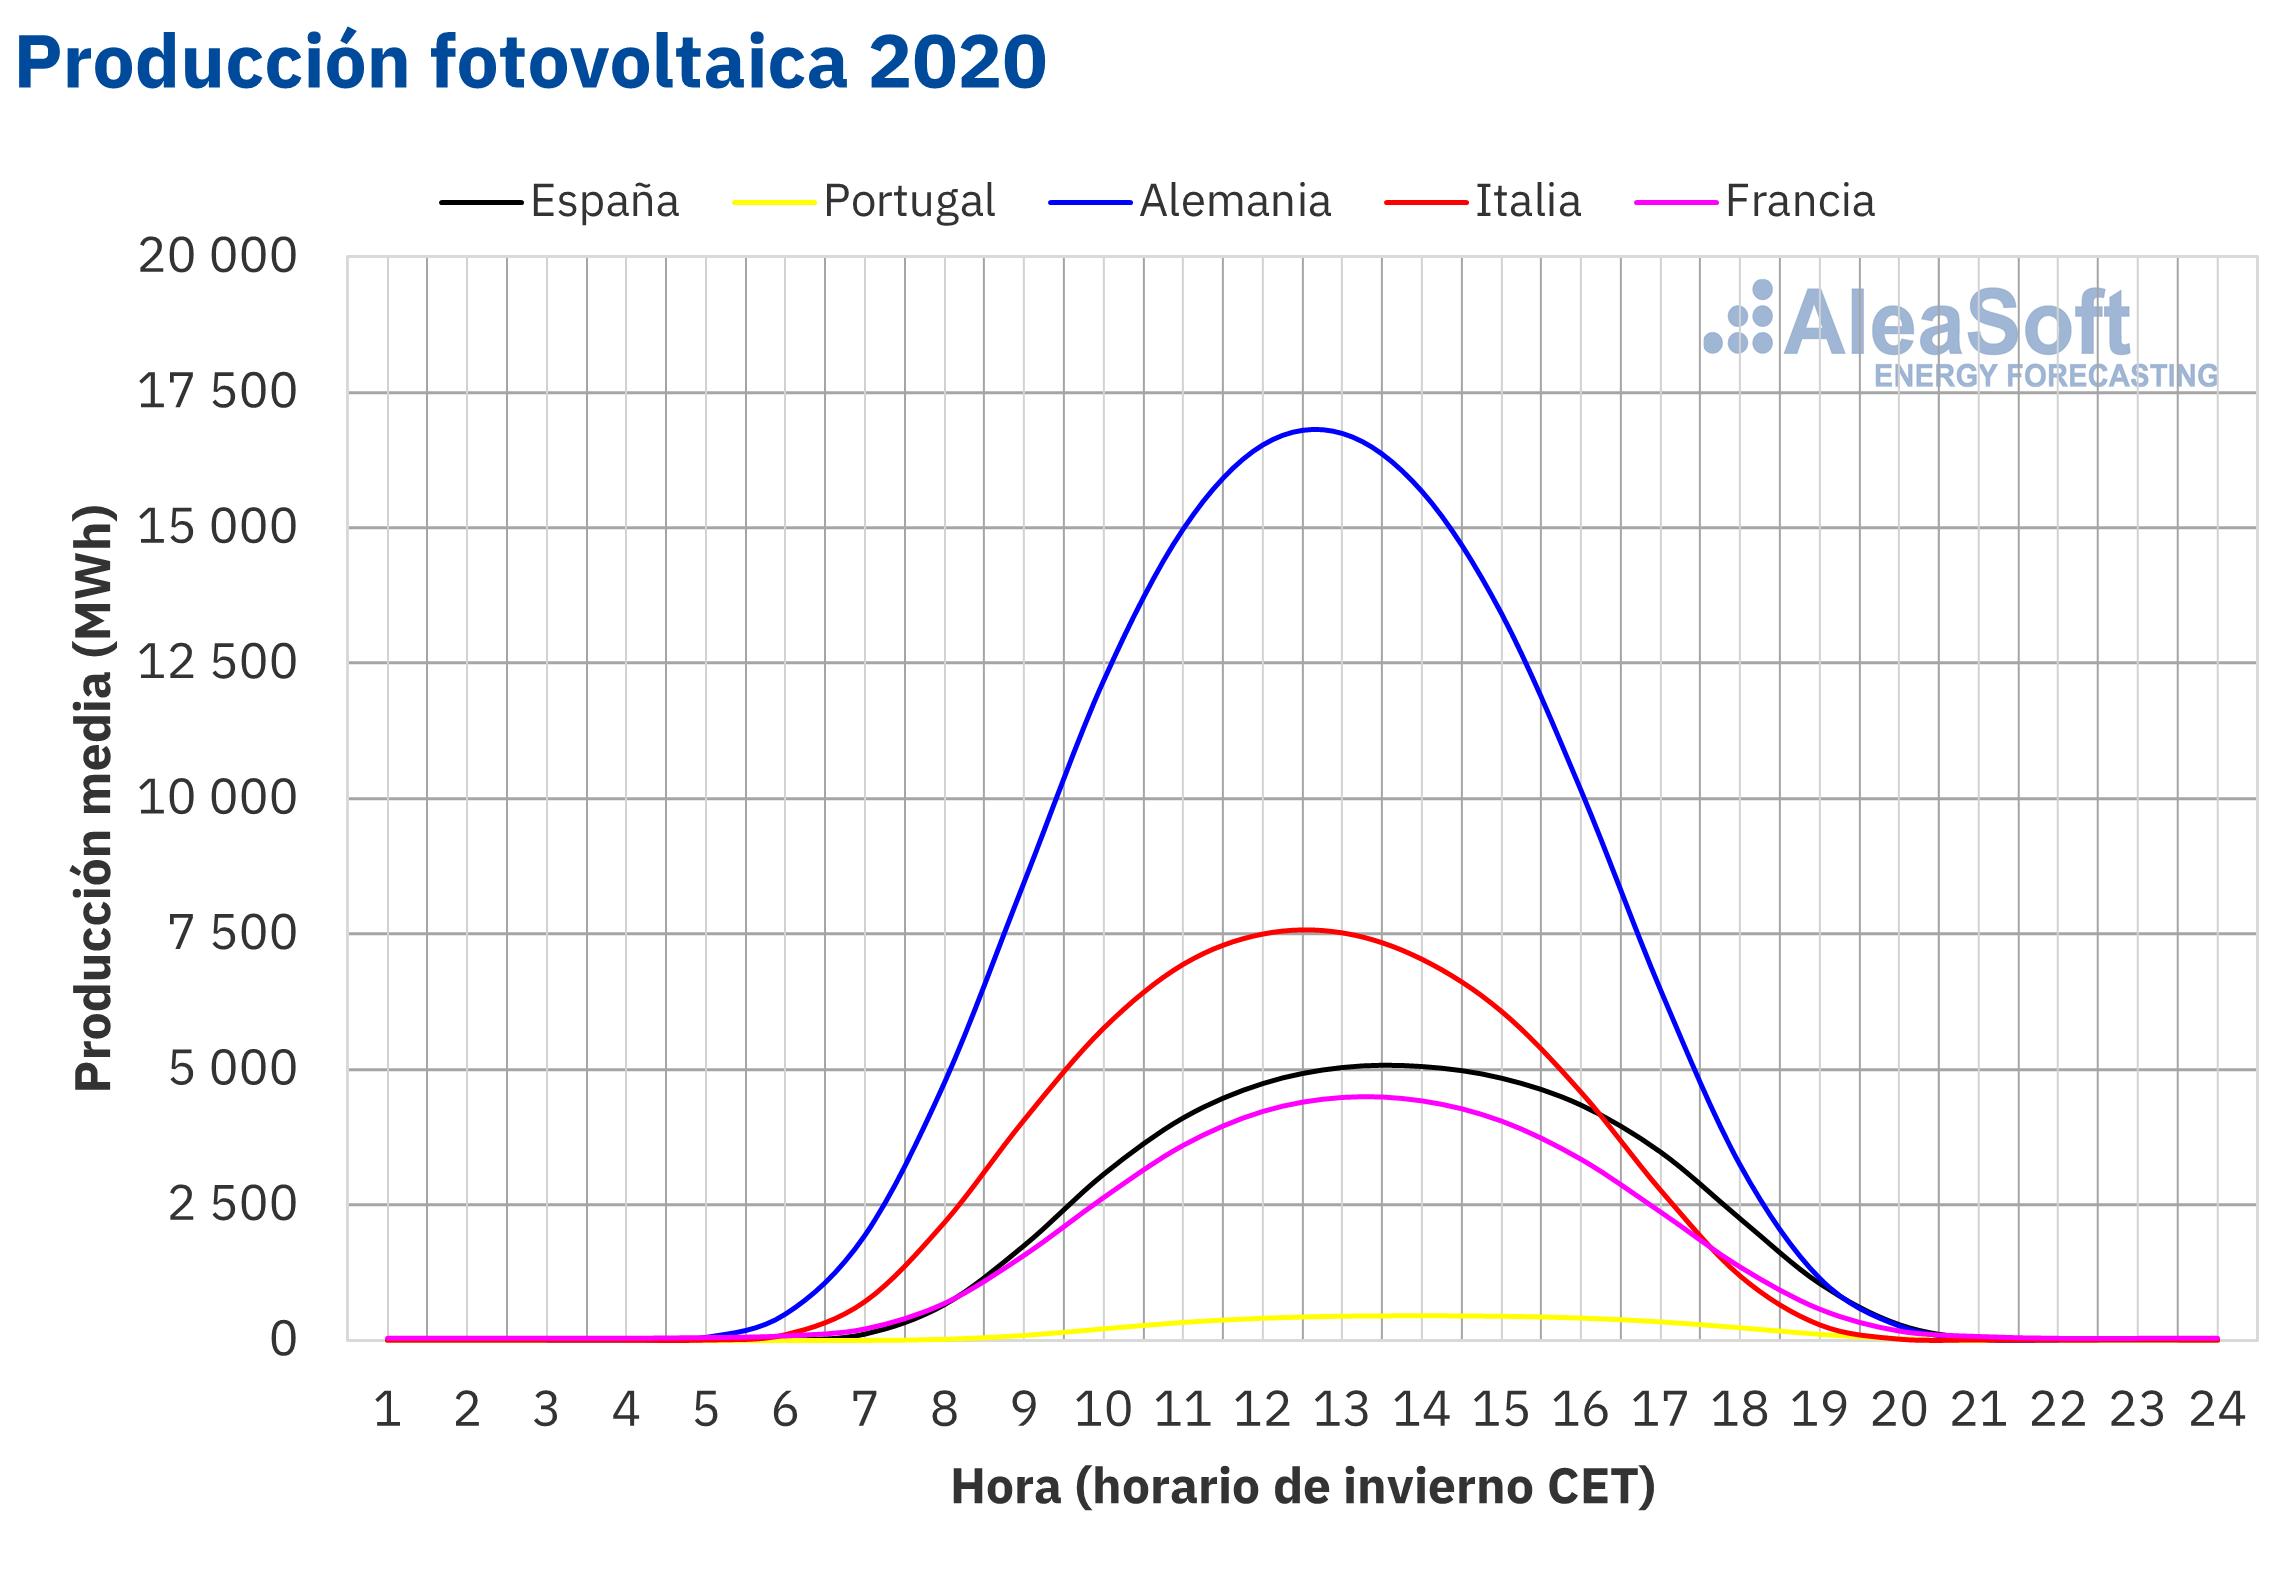 AleaSoft - Perfil produccion solar fotovoltaica Europa 2020